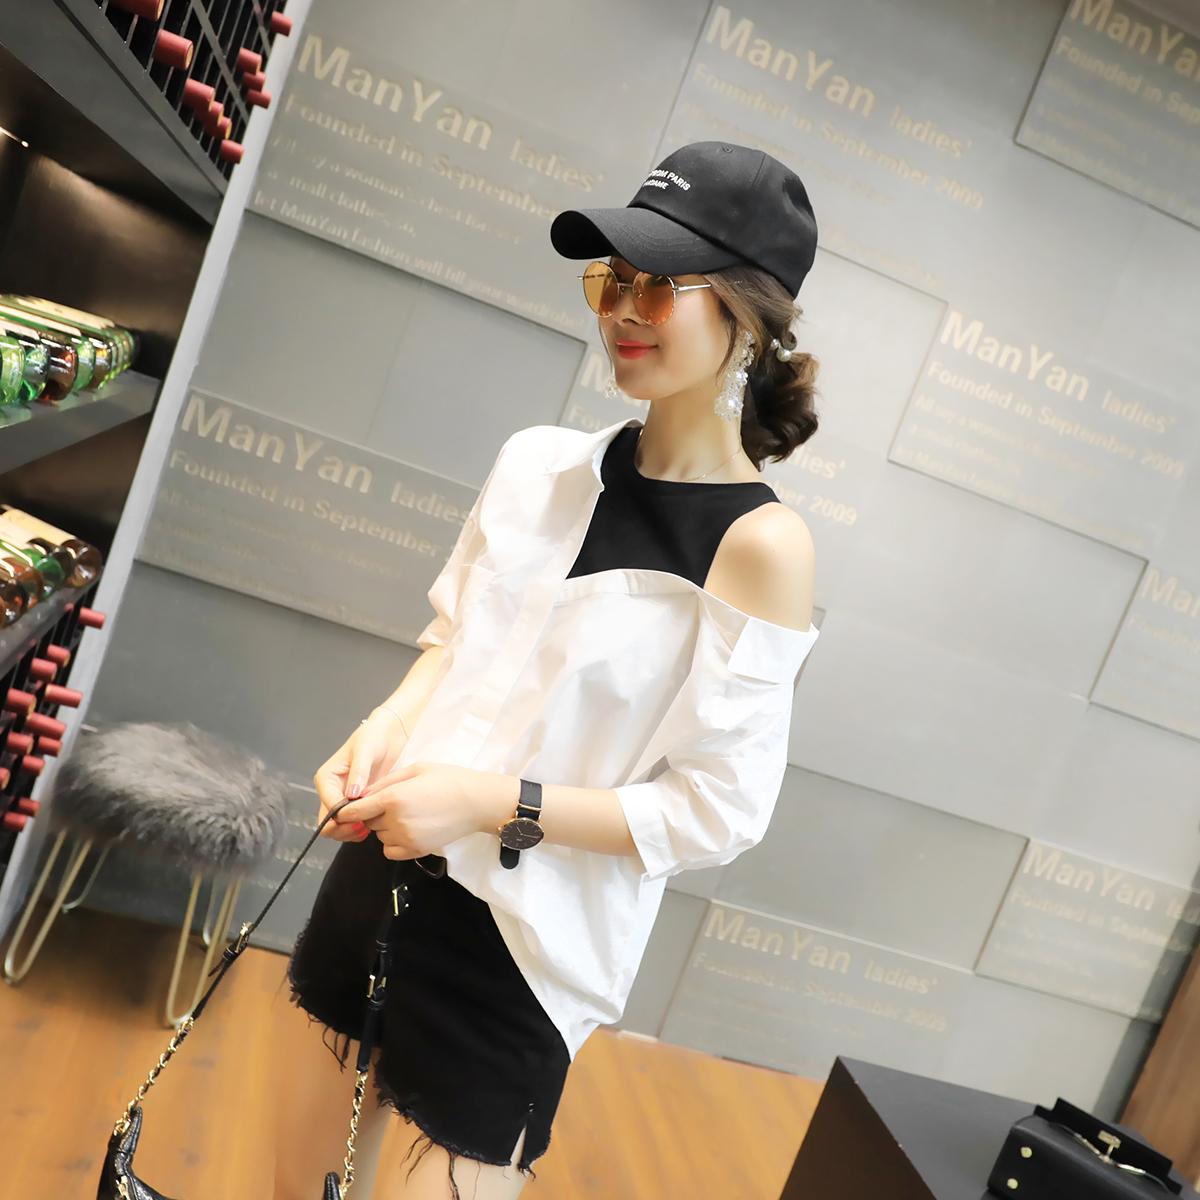 韩范chic衬衫女秋装2018新款女装时尚百搭假两件衬衣女短袖潮款